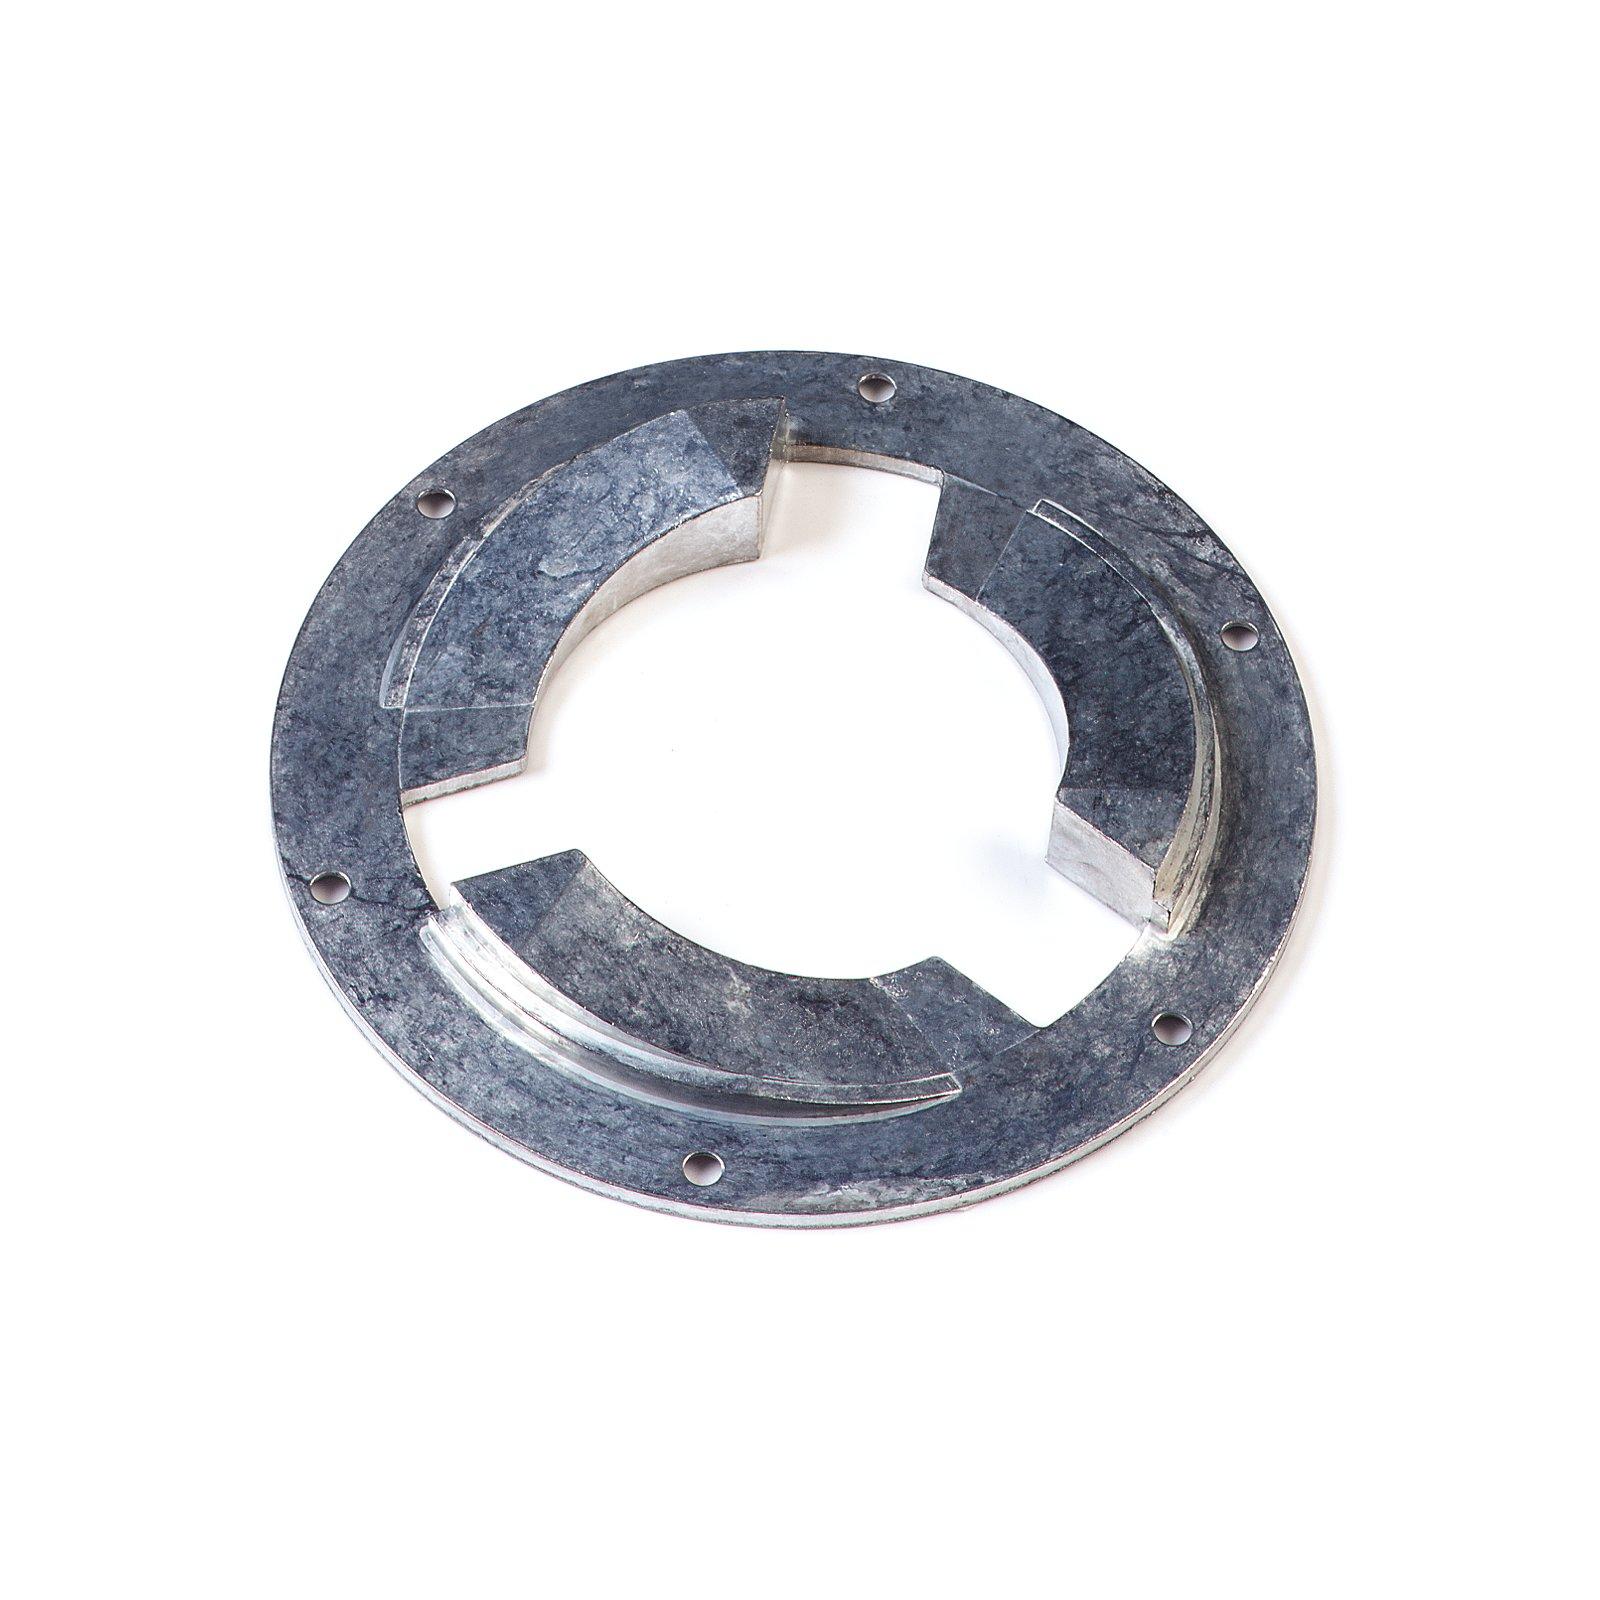 Zinc Mold Clutch